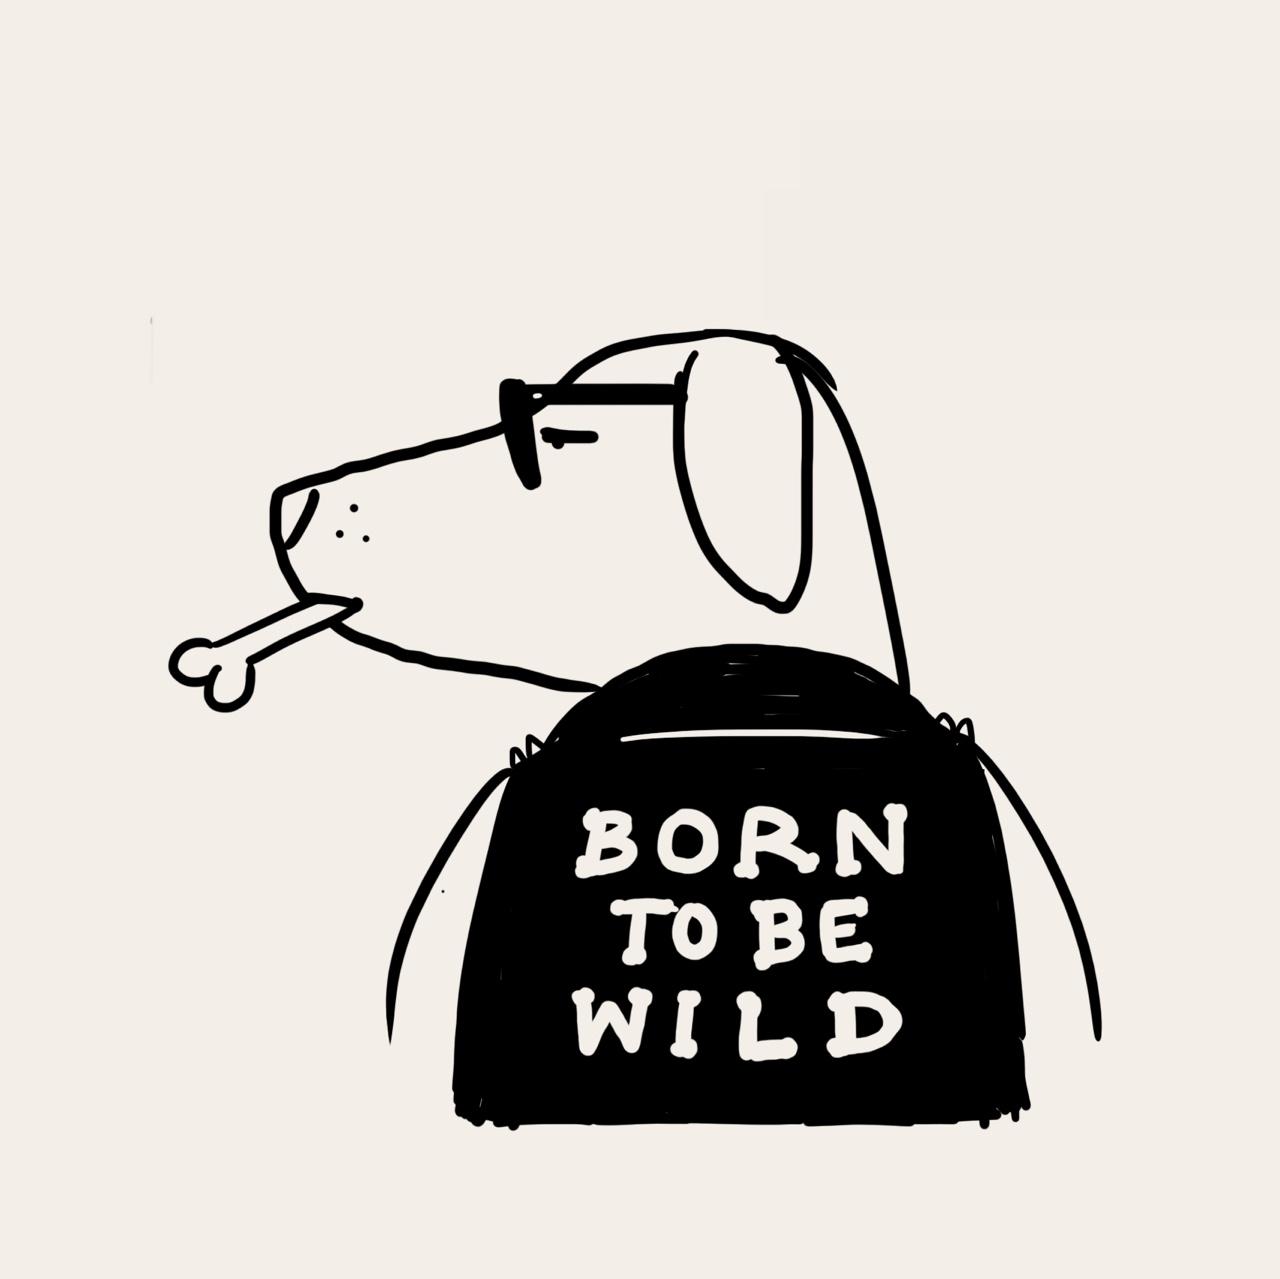 Mattblease 插画作品合集欣赏,所属类别:插画、插图 - 任刚 · Ren Gang 世界设计 · 设计世界